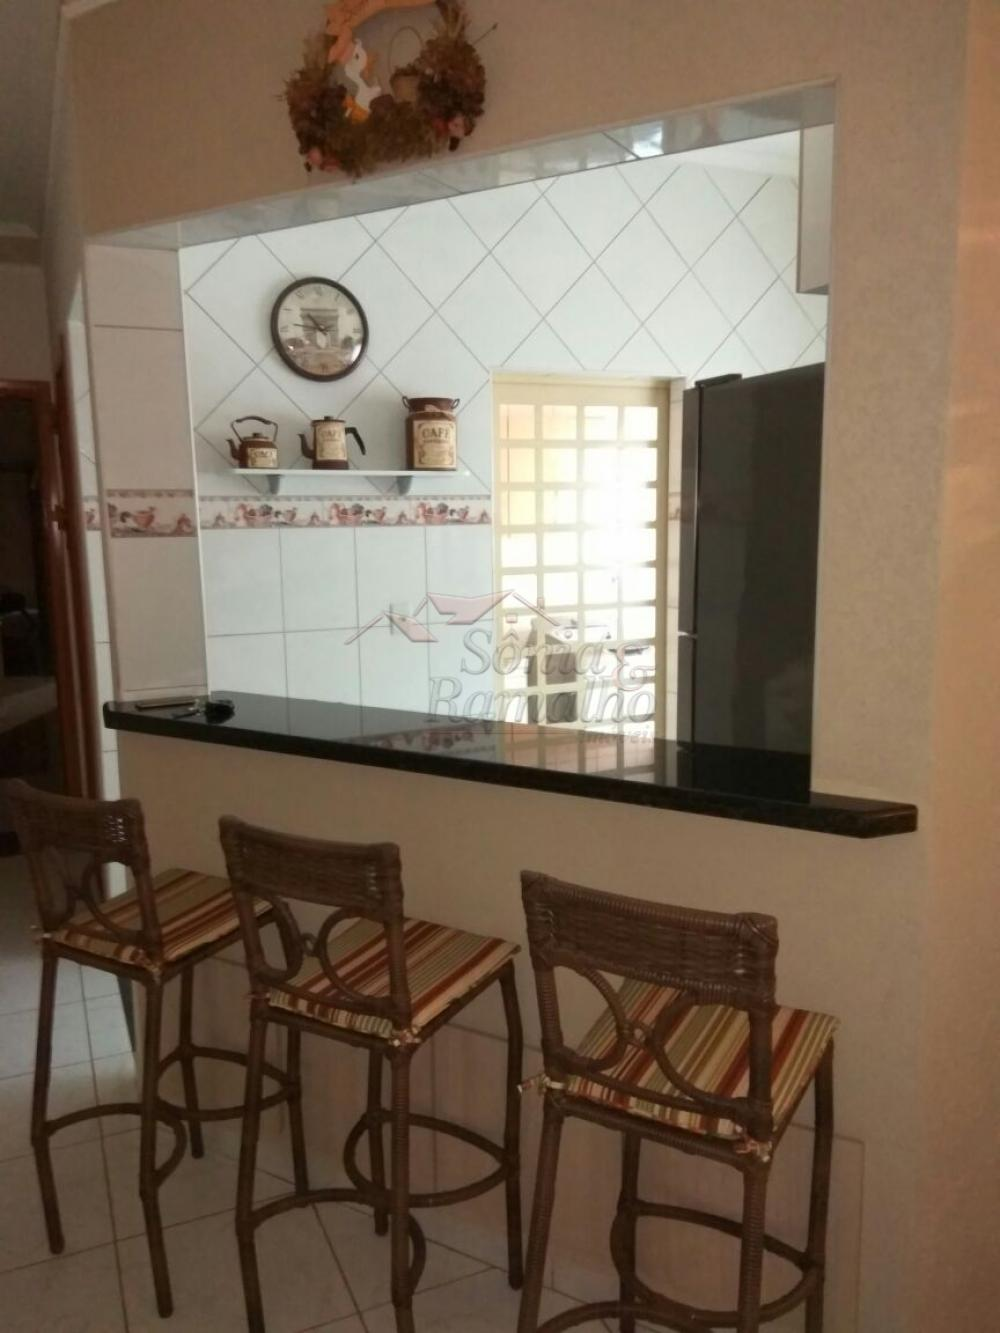 Comprar Casas / Padrão em Ribeirão Preto apenas R$ 420.000,00 - Foto 13